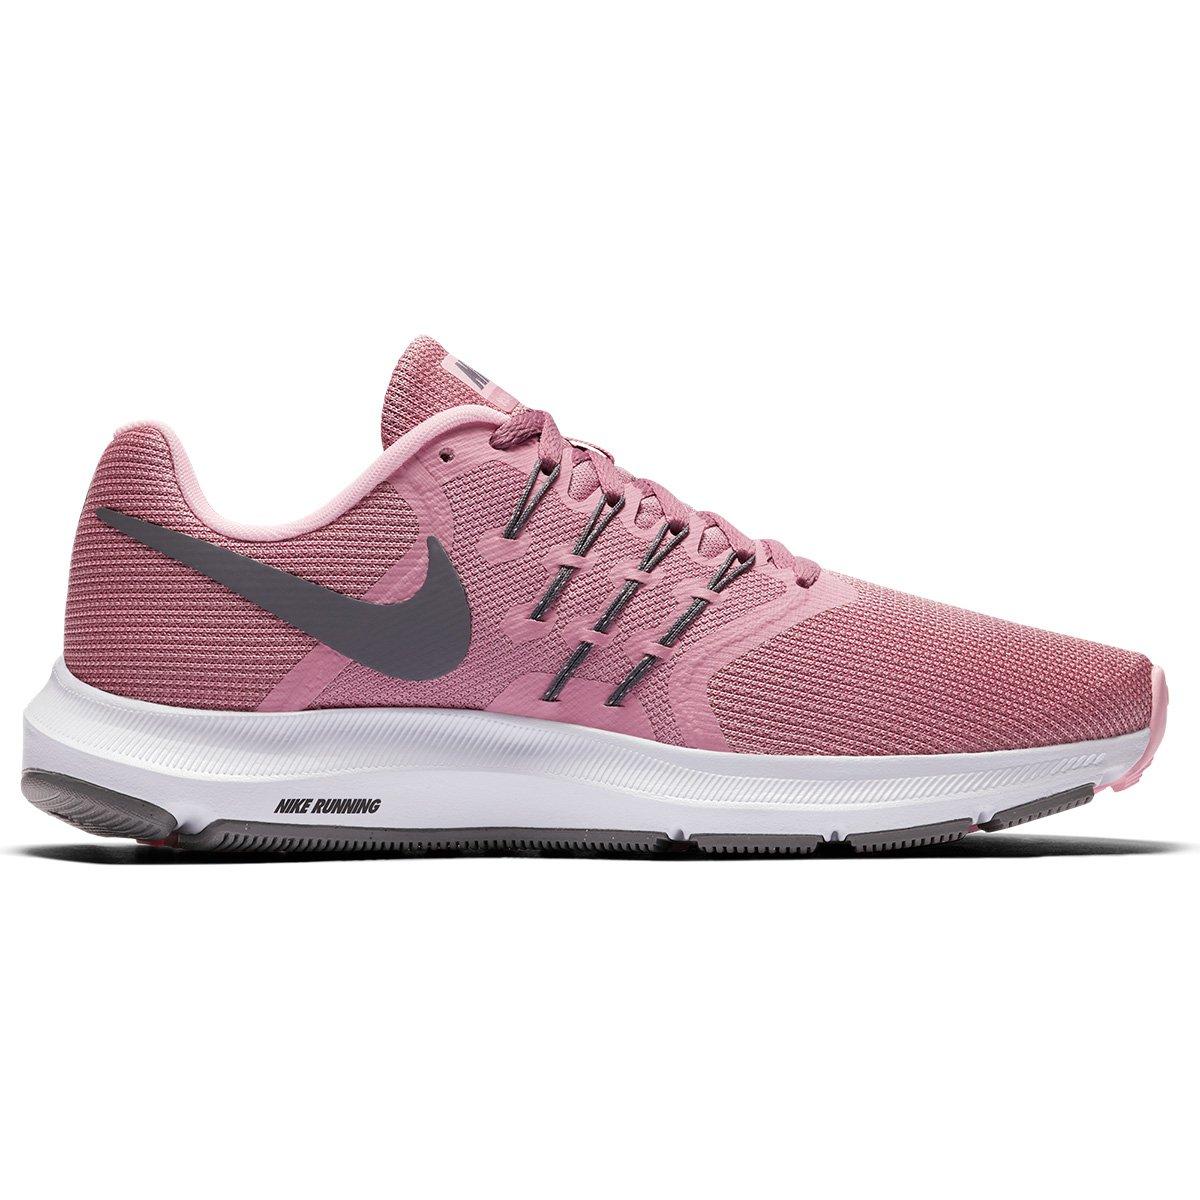 a30e5844043e1 Tênis Nike Run Swift Feminino - Compre Agora